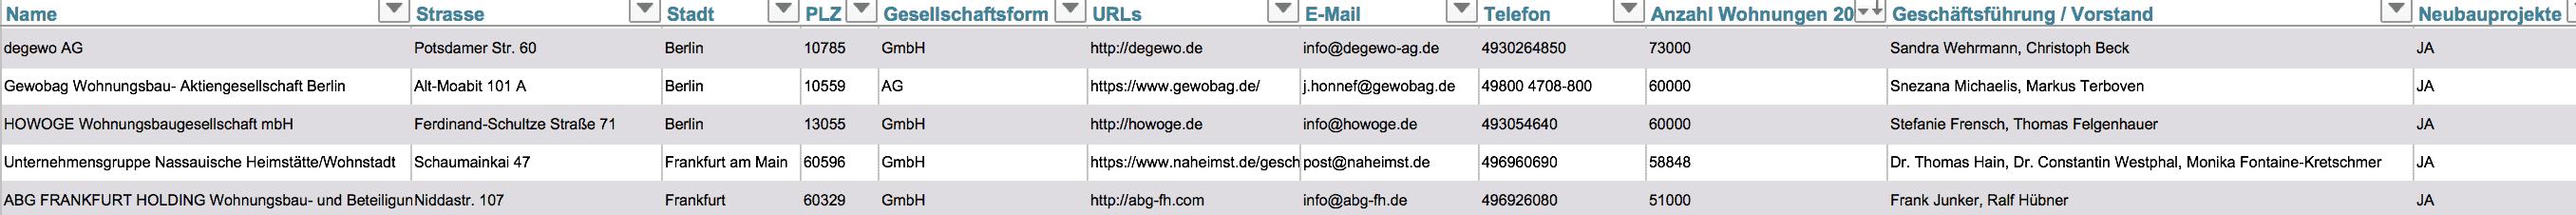 liste wohnbaugenossenschaften kommunale wohnungsunternehmen deutschland